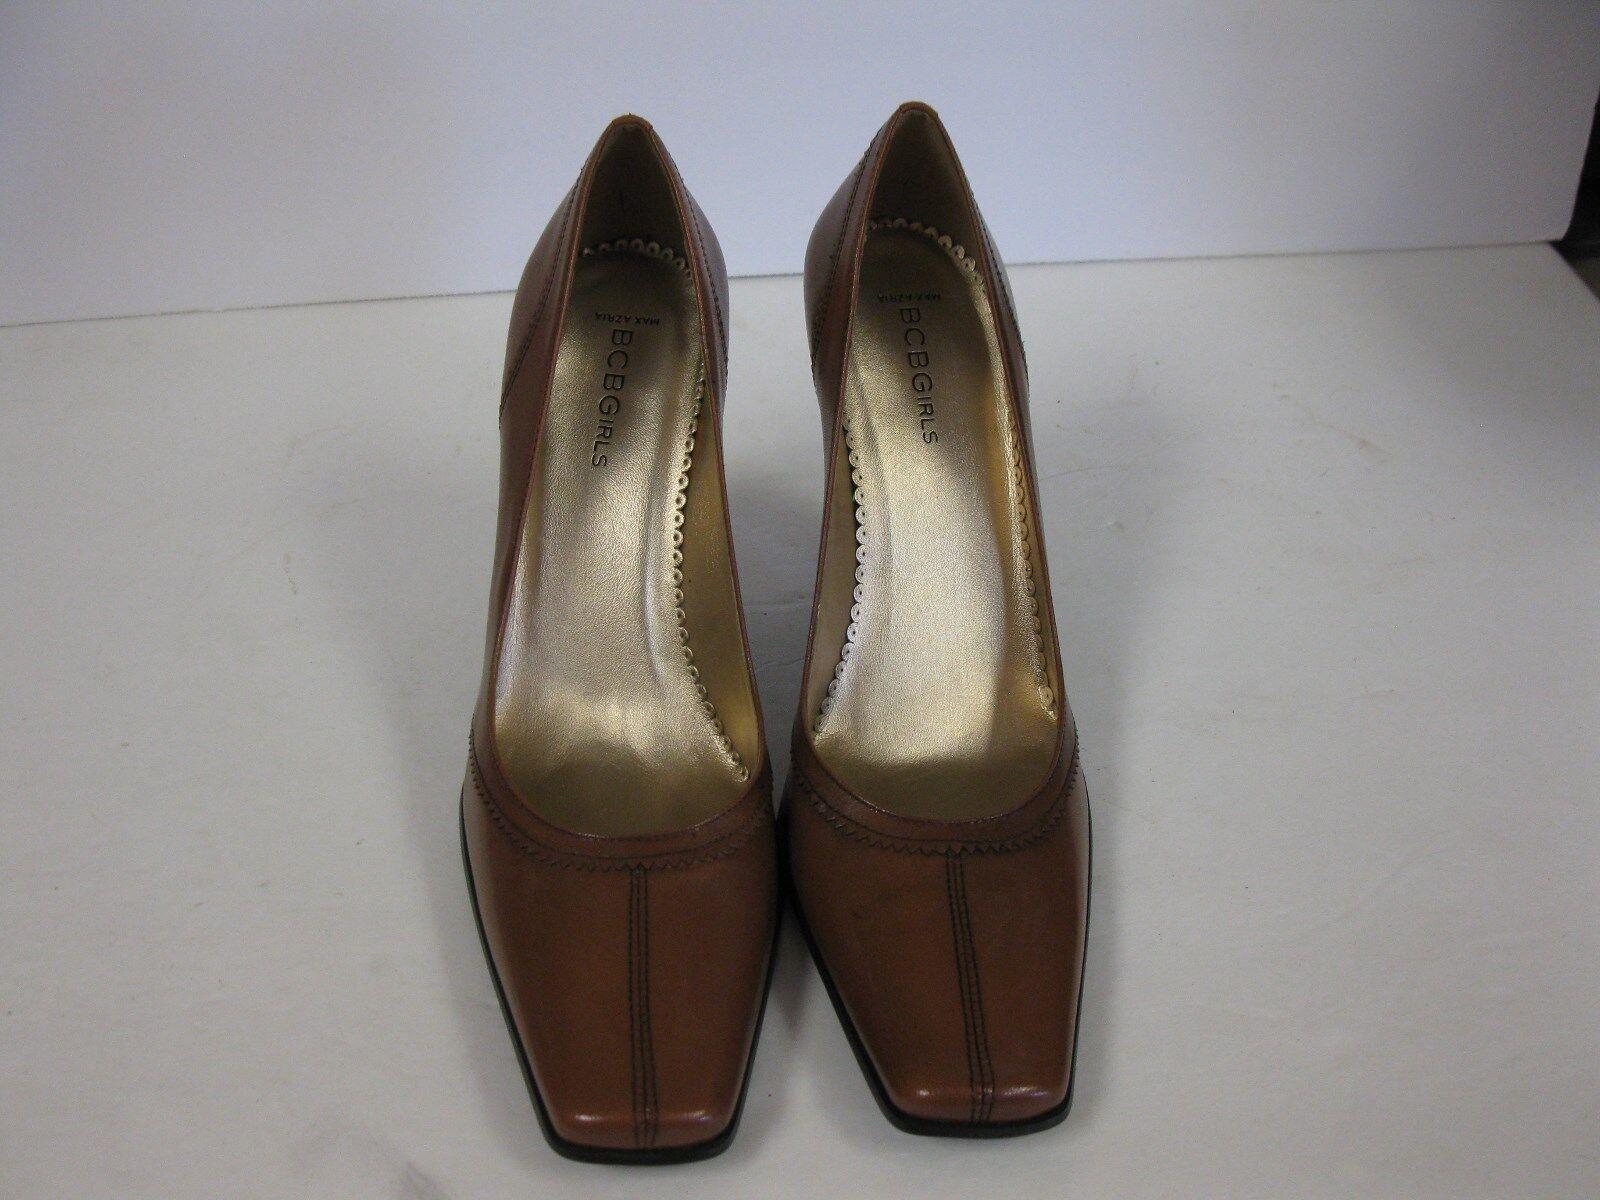 vendendo bene in tutto il mondo BCBGirls Max Azria  Padua  Donna    Marrone Square Toe Leather scarpe Dimensione 10B toast  punti vendita